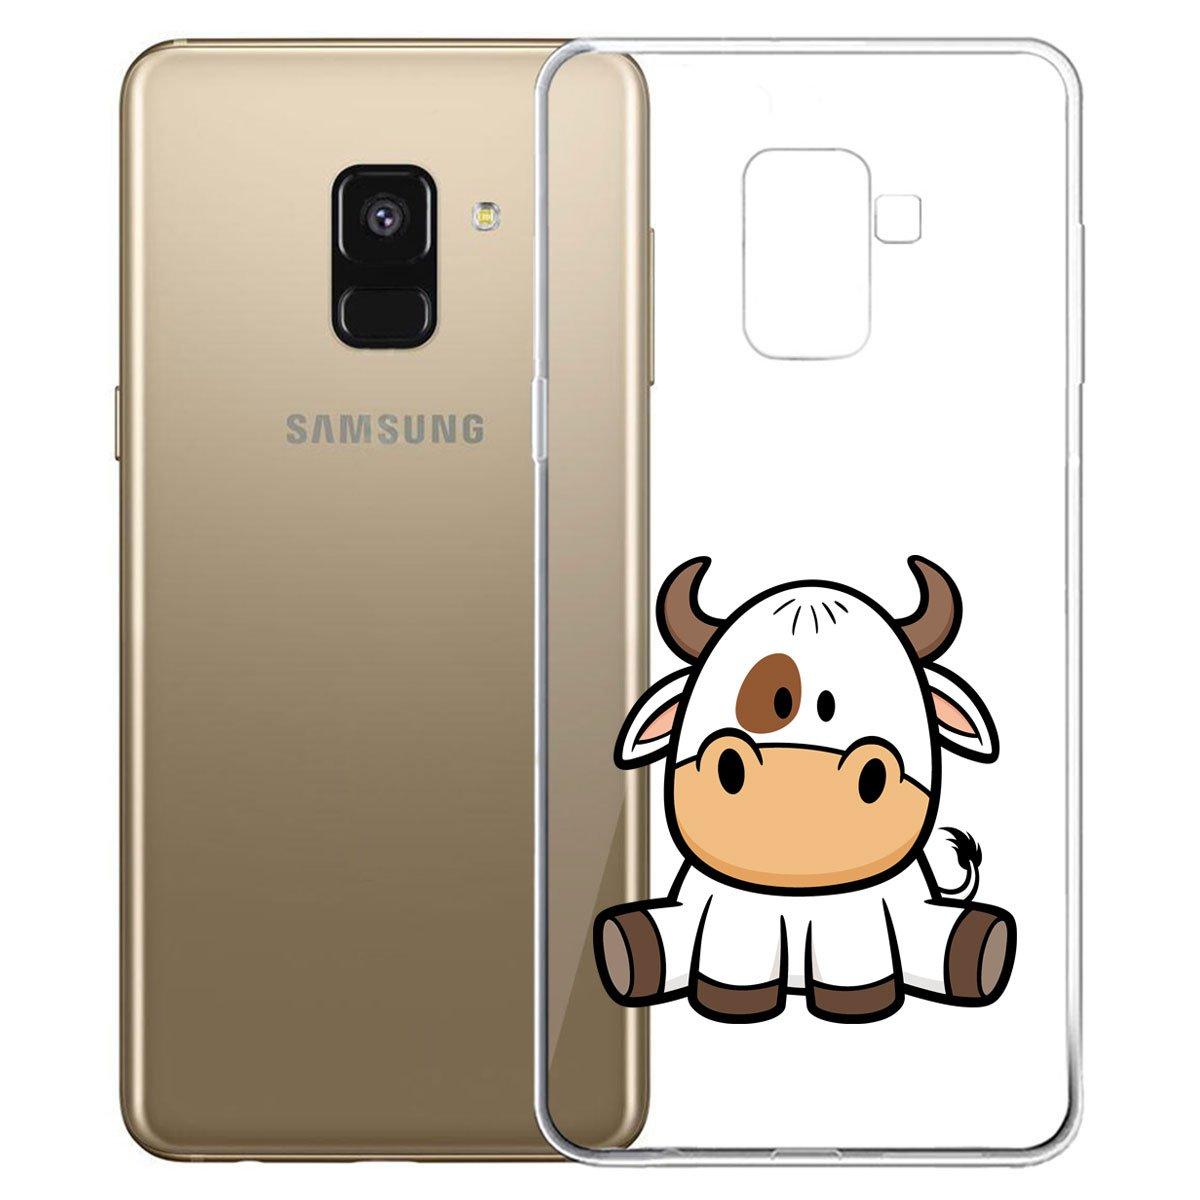 5.6 SM-A530 IJIA Trasparente Pony TPU Silicone Morbido Protettivo Coperchio Skin Custodia Bumper Protettiva Case Cover per Samsung Galaxy A8 2018 Custodia per Samsung Galaxy A8 2018